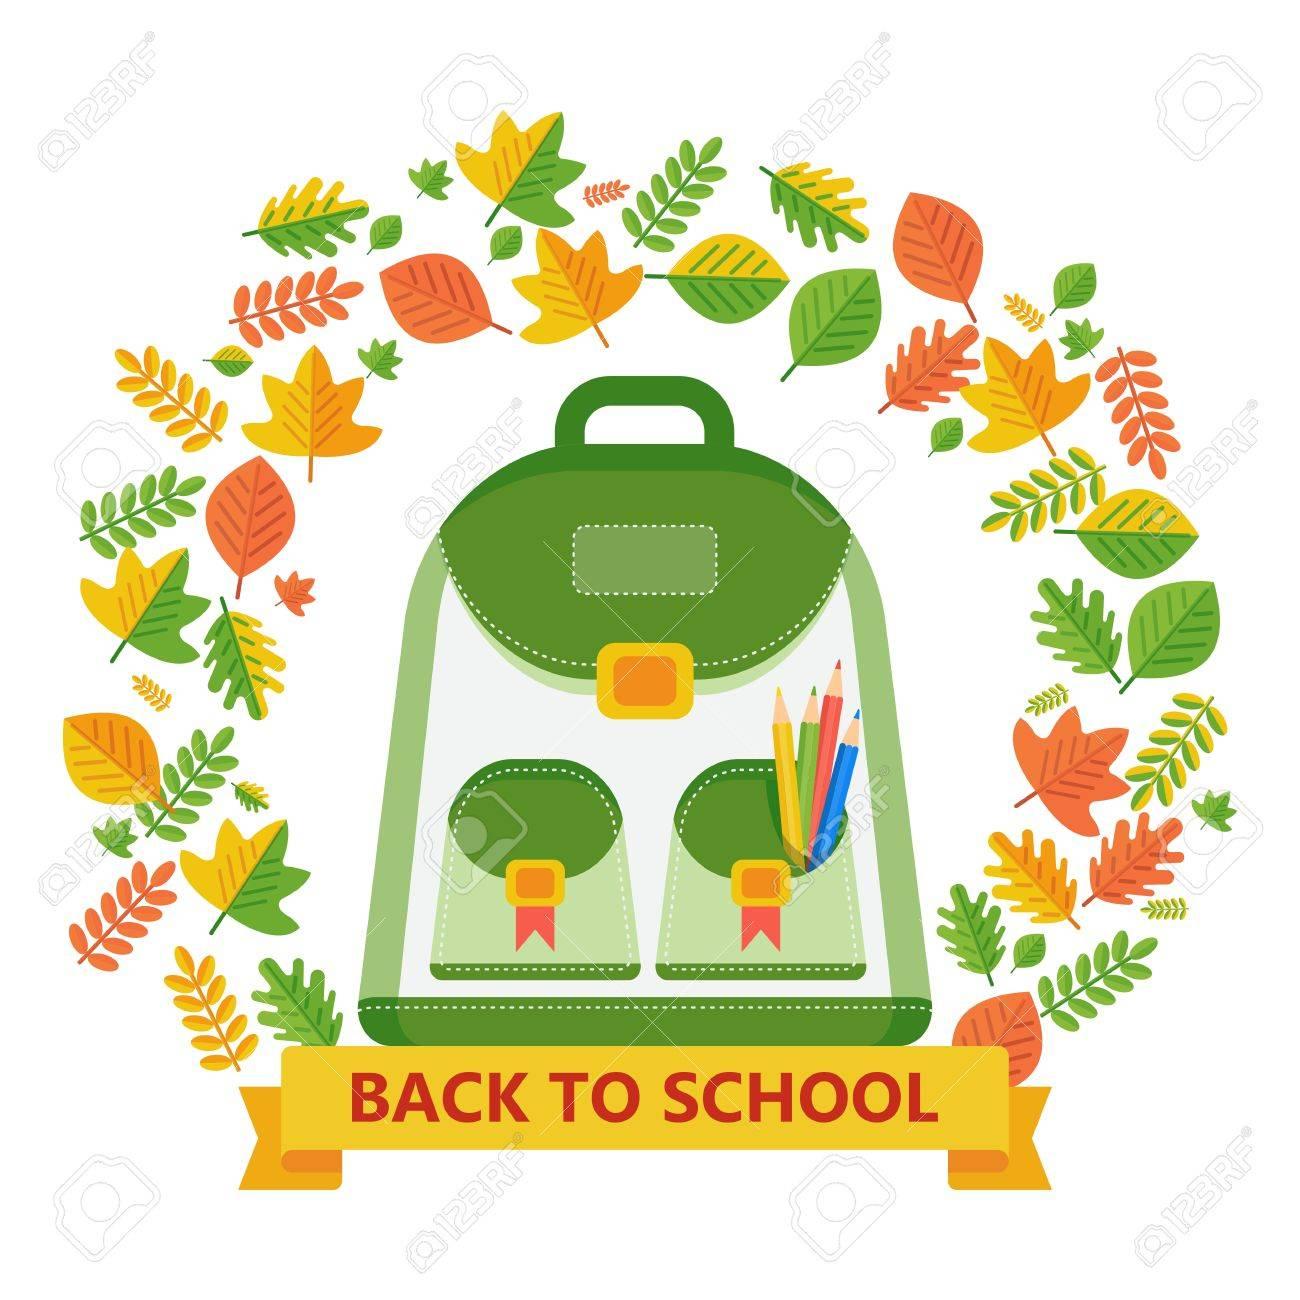 Zurück In Die Schule Banner Mit Rucksack Und Herbst Blätter Rahmen ...